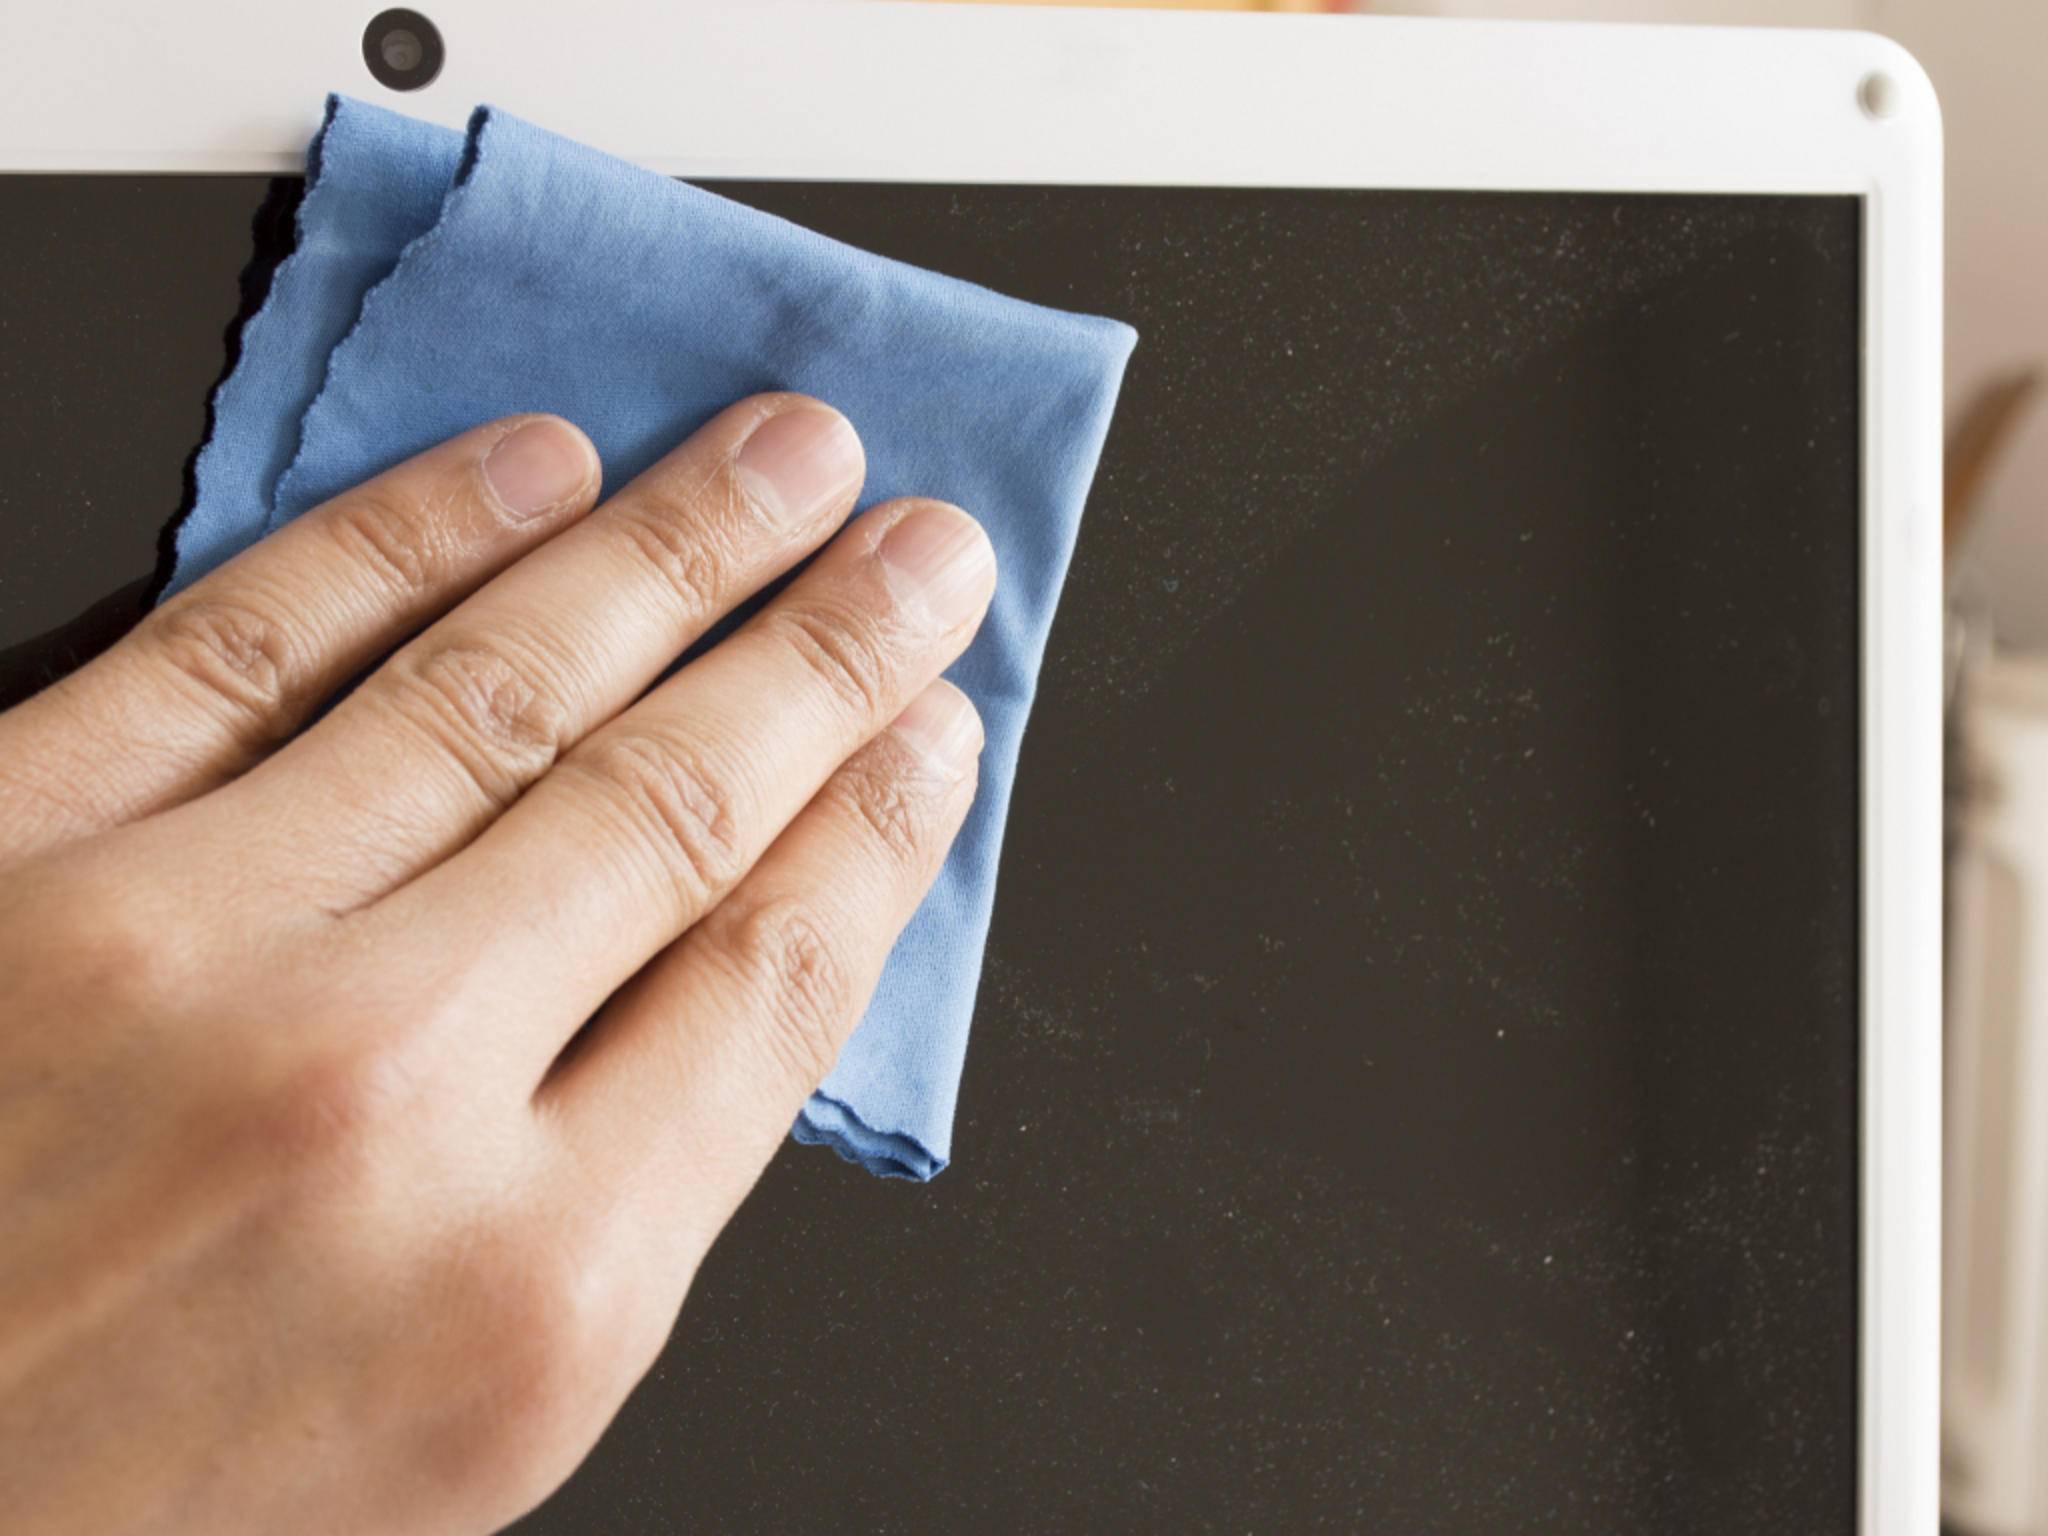 Mitunter genügt es, den Sensor mit einem Mikrofasertuch zu reinigen.